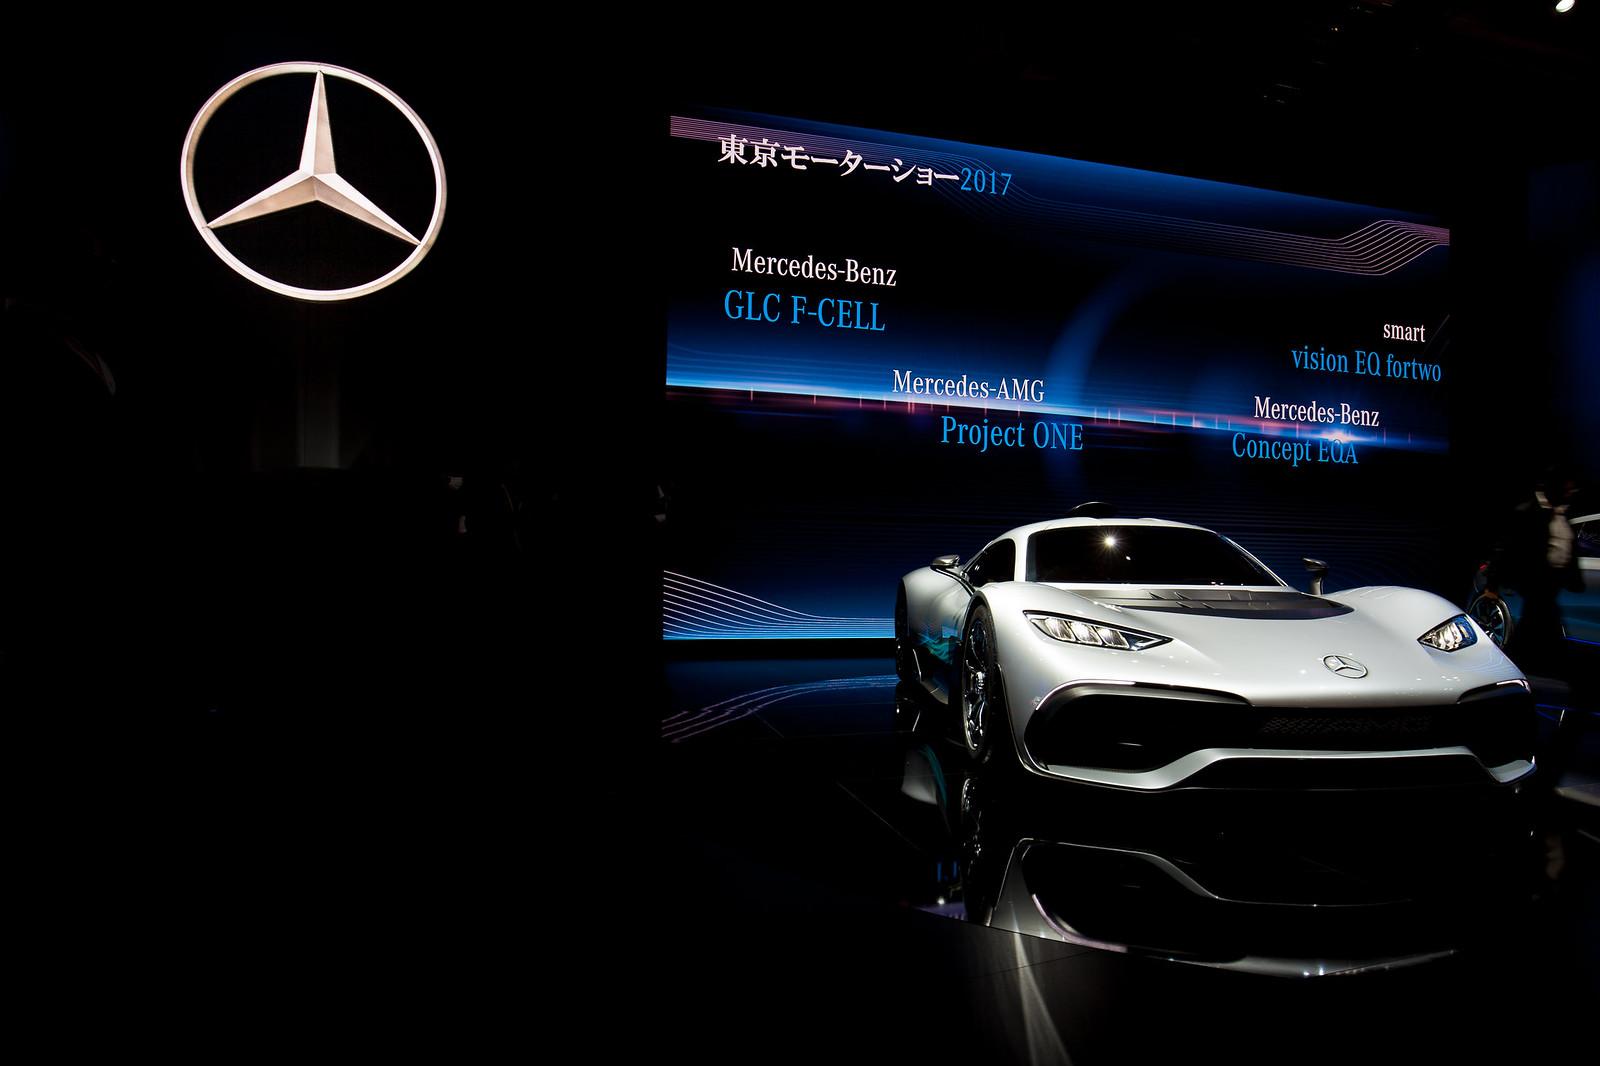 TokyoMotorShow2017 - MercedesBenz - Project ONE (1)